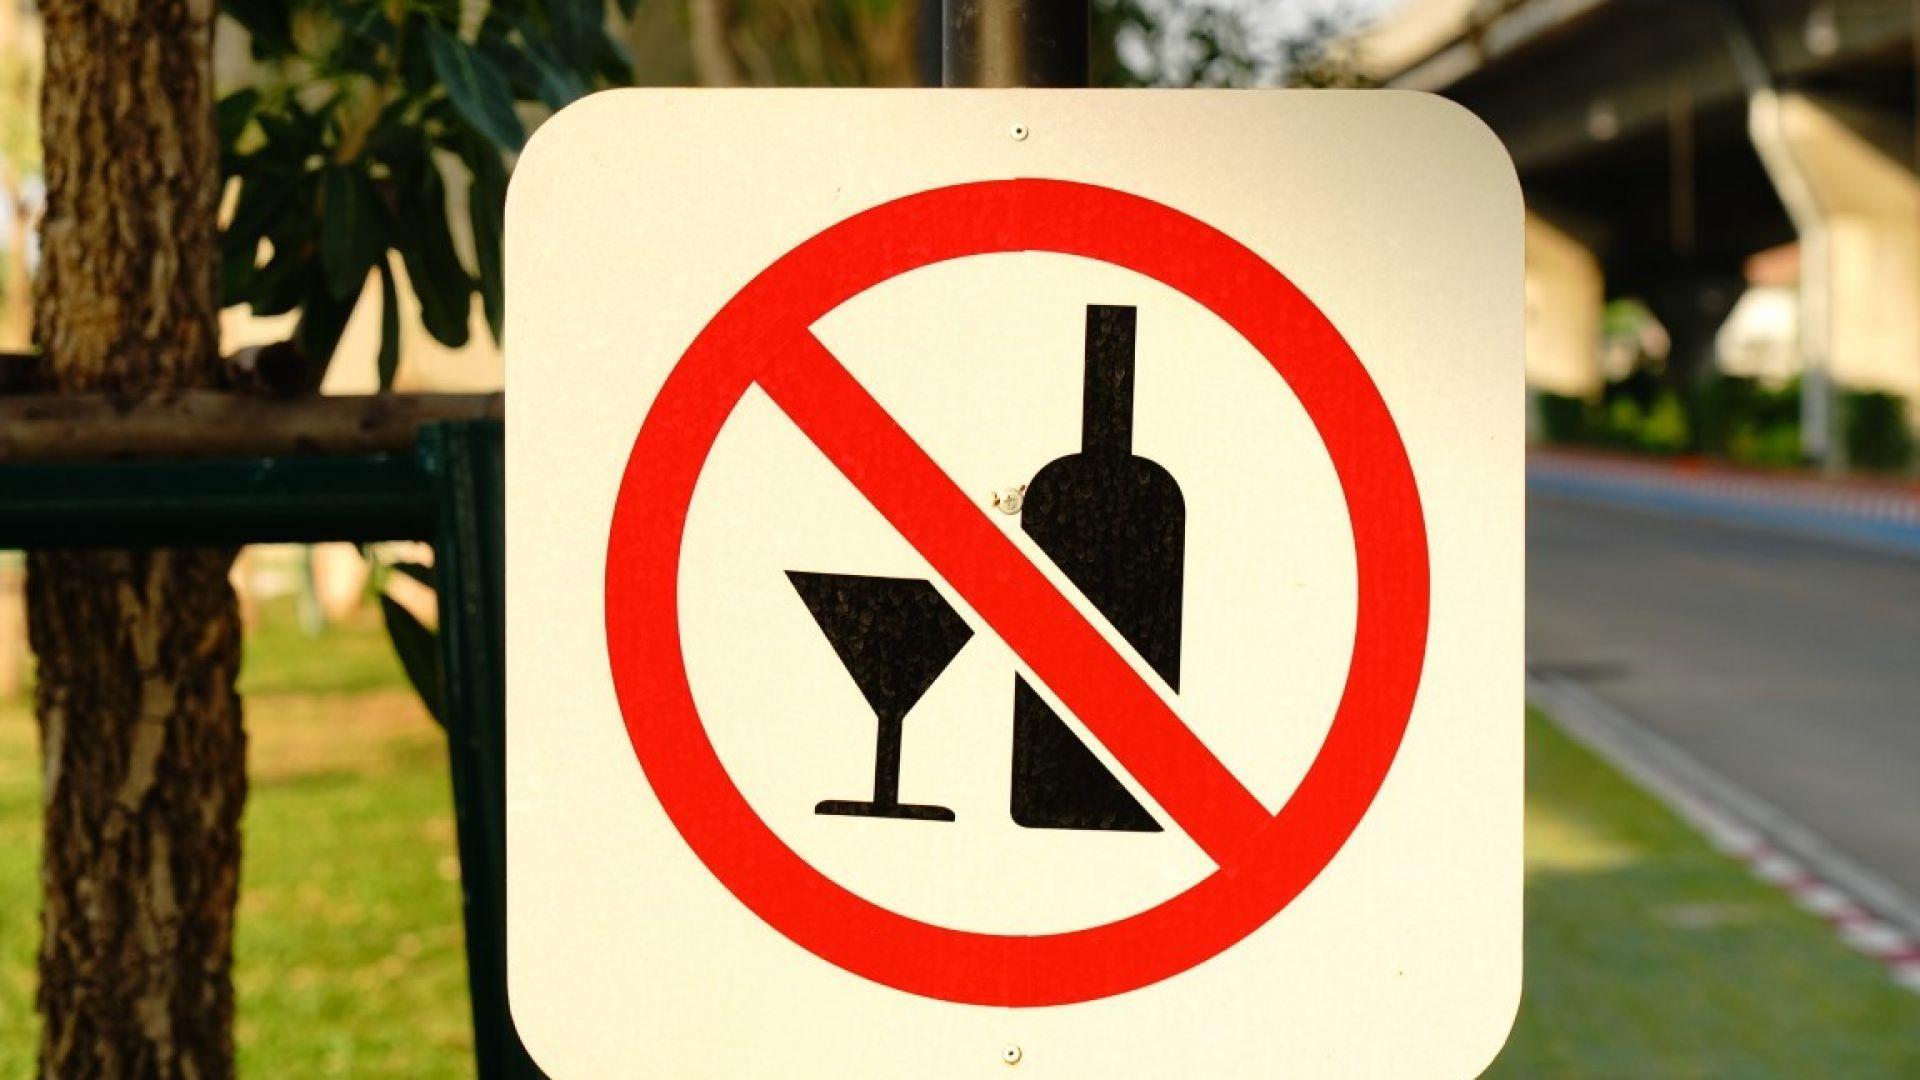 Историческо решение: Френските власти забраниха продажбата на алкохол по време на карантина